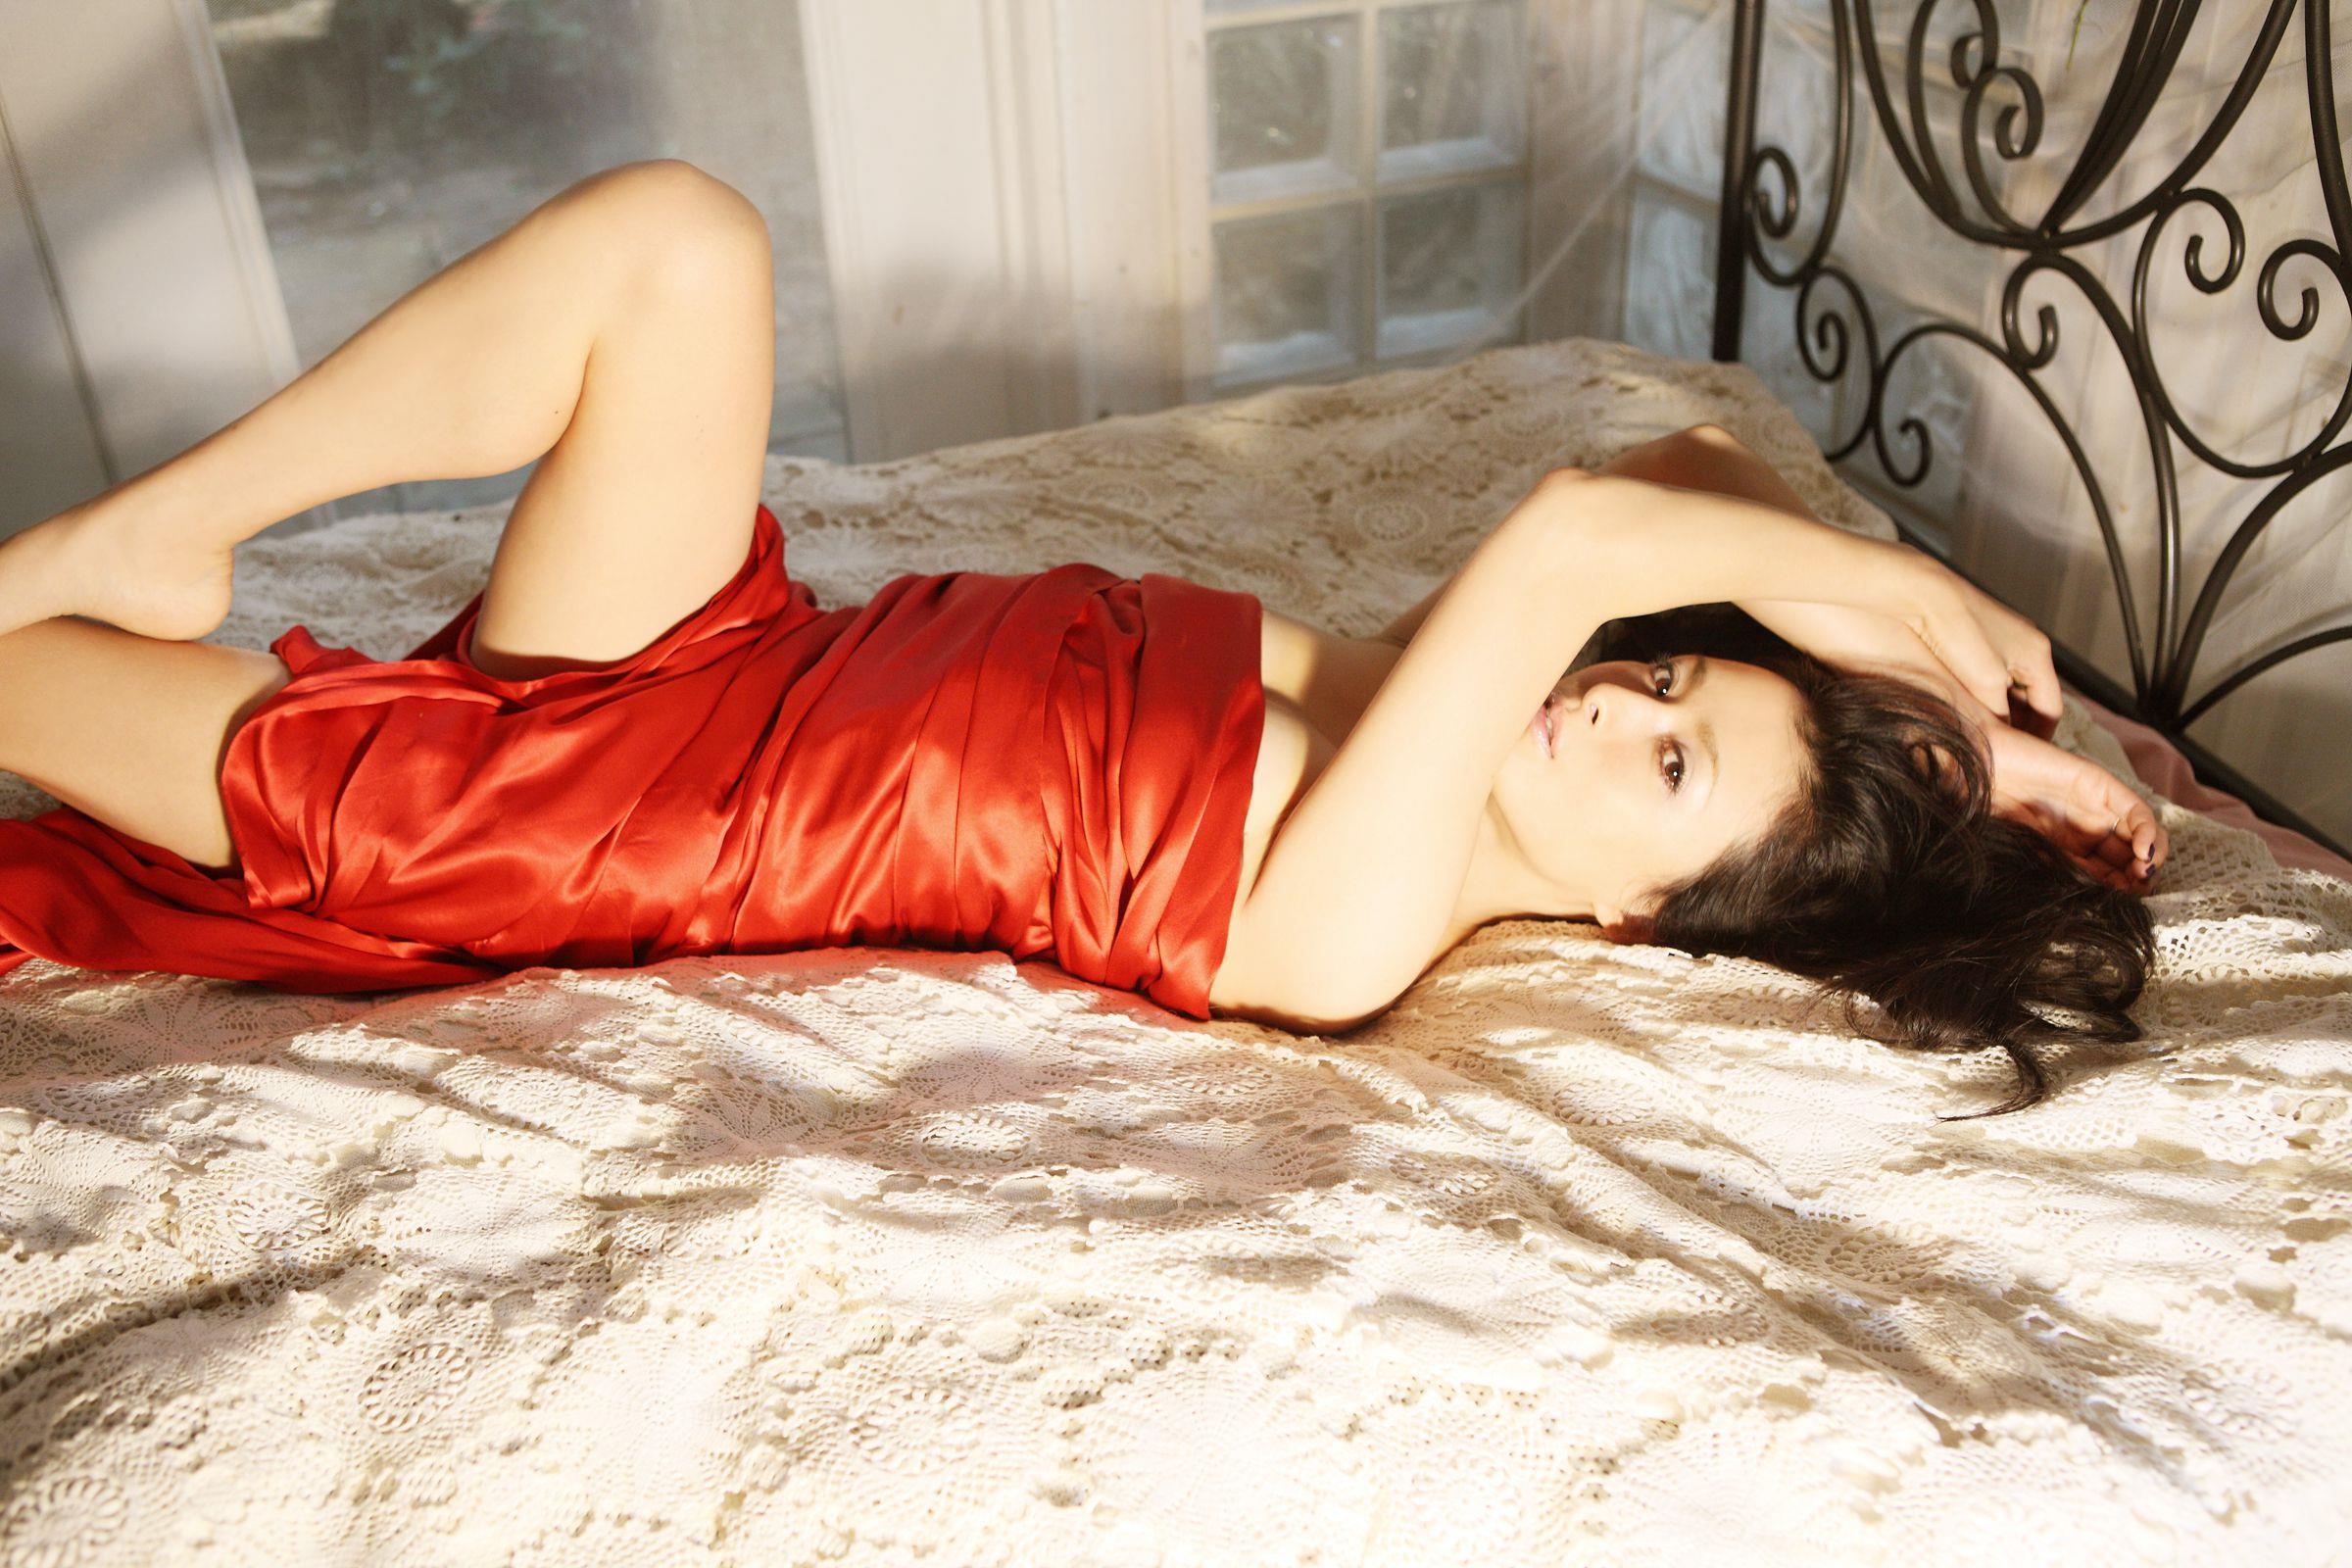 国生さゆり 結婚と離婚を繰り返す女優のセクシー画像